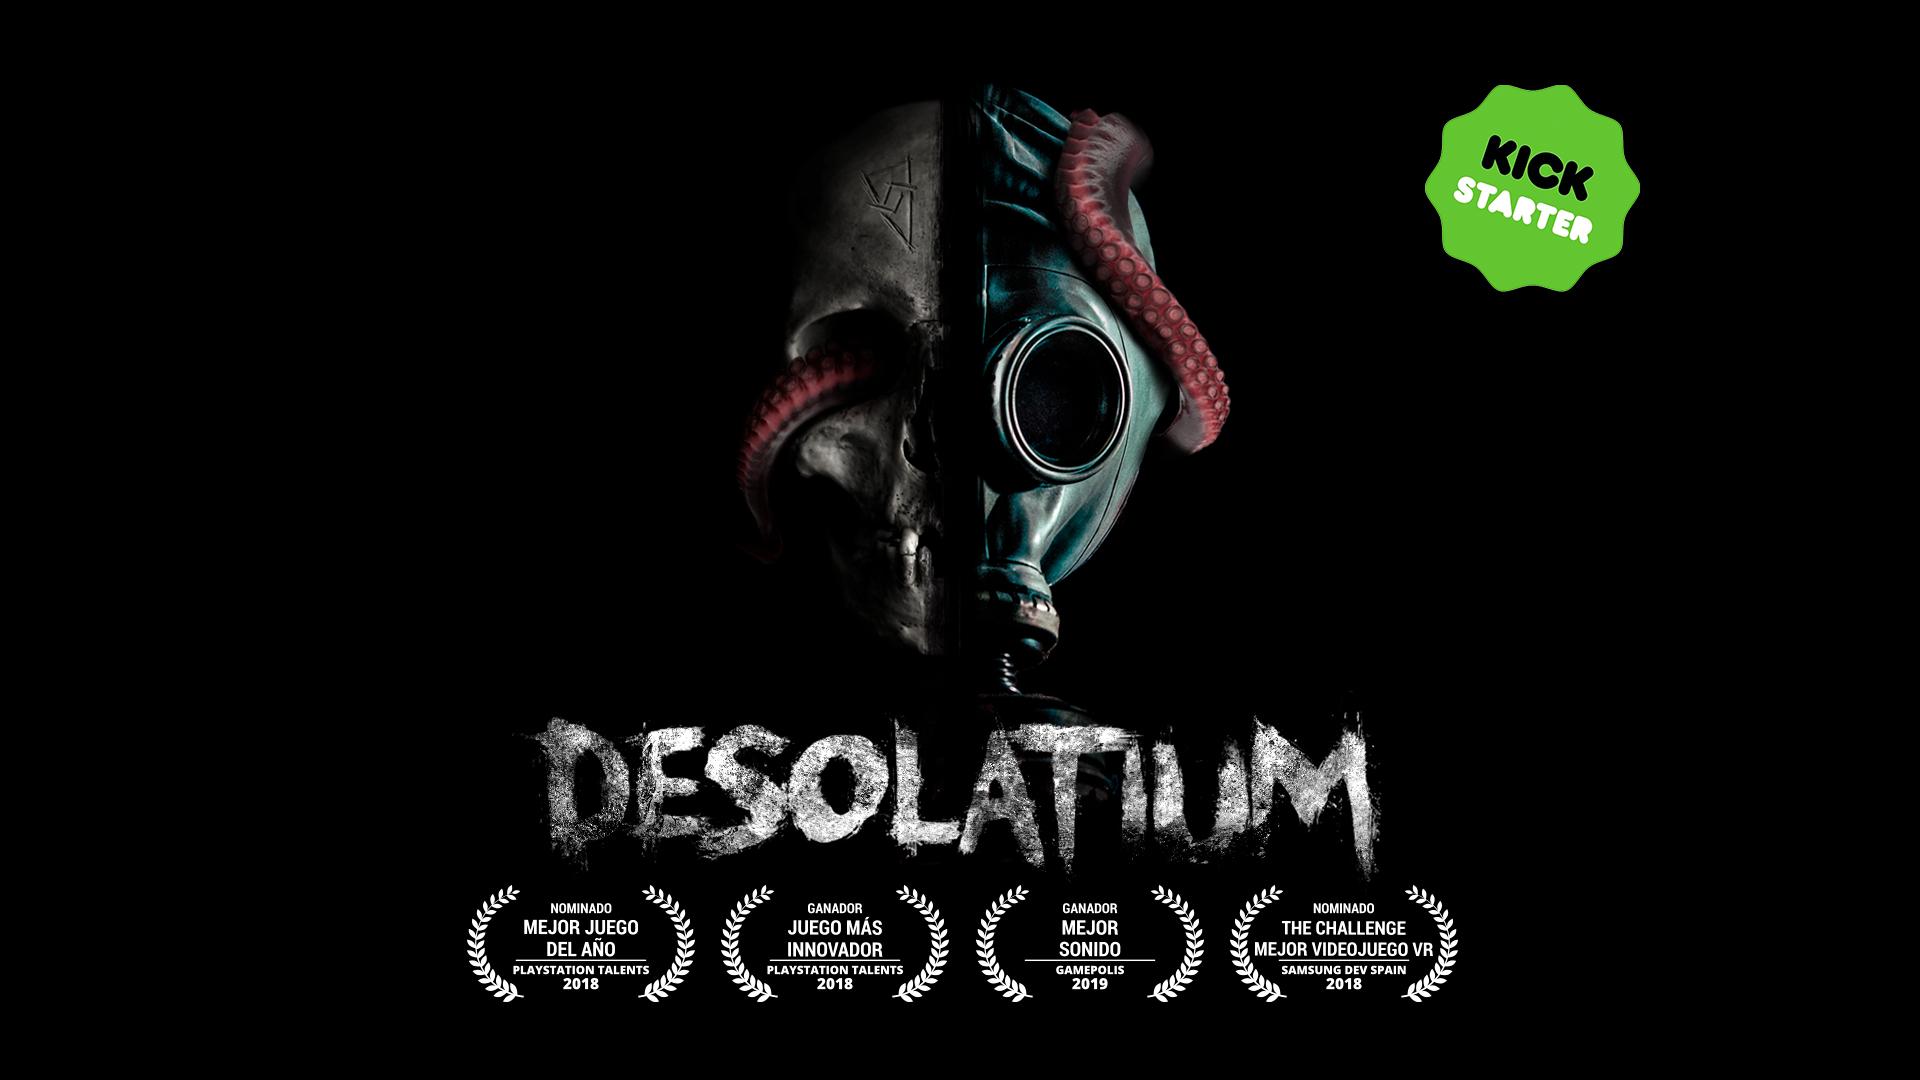 Desolatium comienza su campaña de Kickstarter... ¡Mañana!